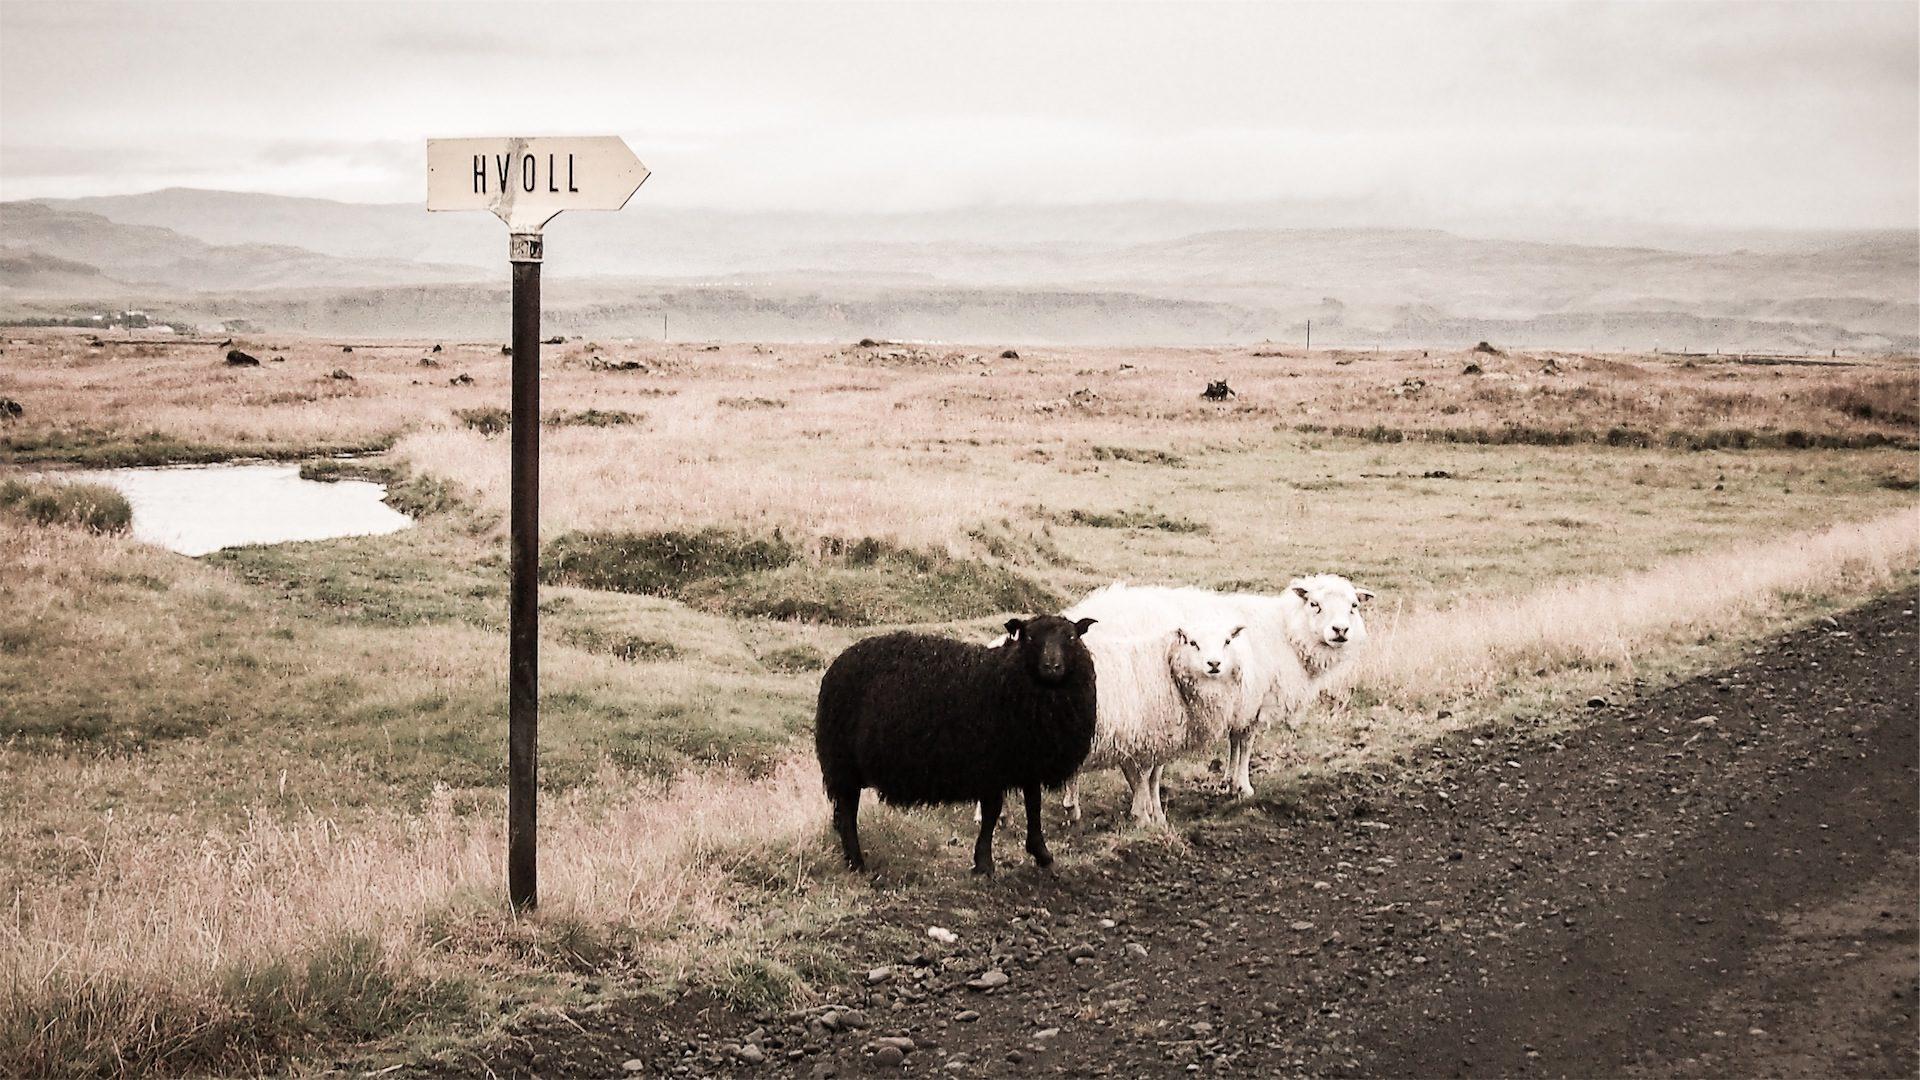 भेड़, काले, सड़क, संकेत, hvoll, फ़ील्ड - HD वॉलपेपर - प्रोफेसर-falken.com